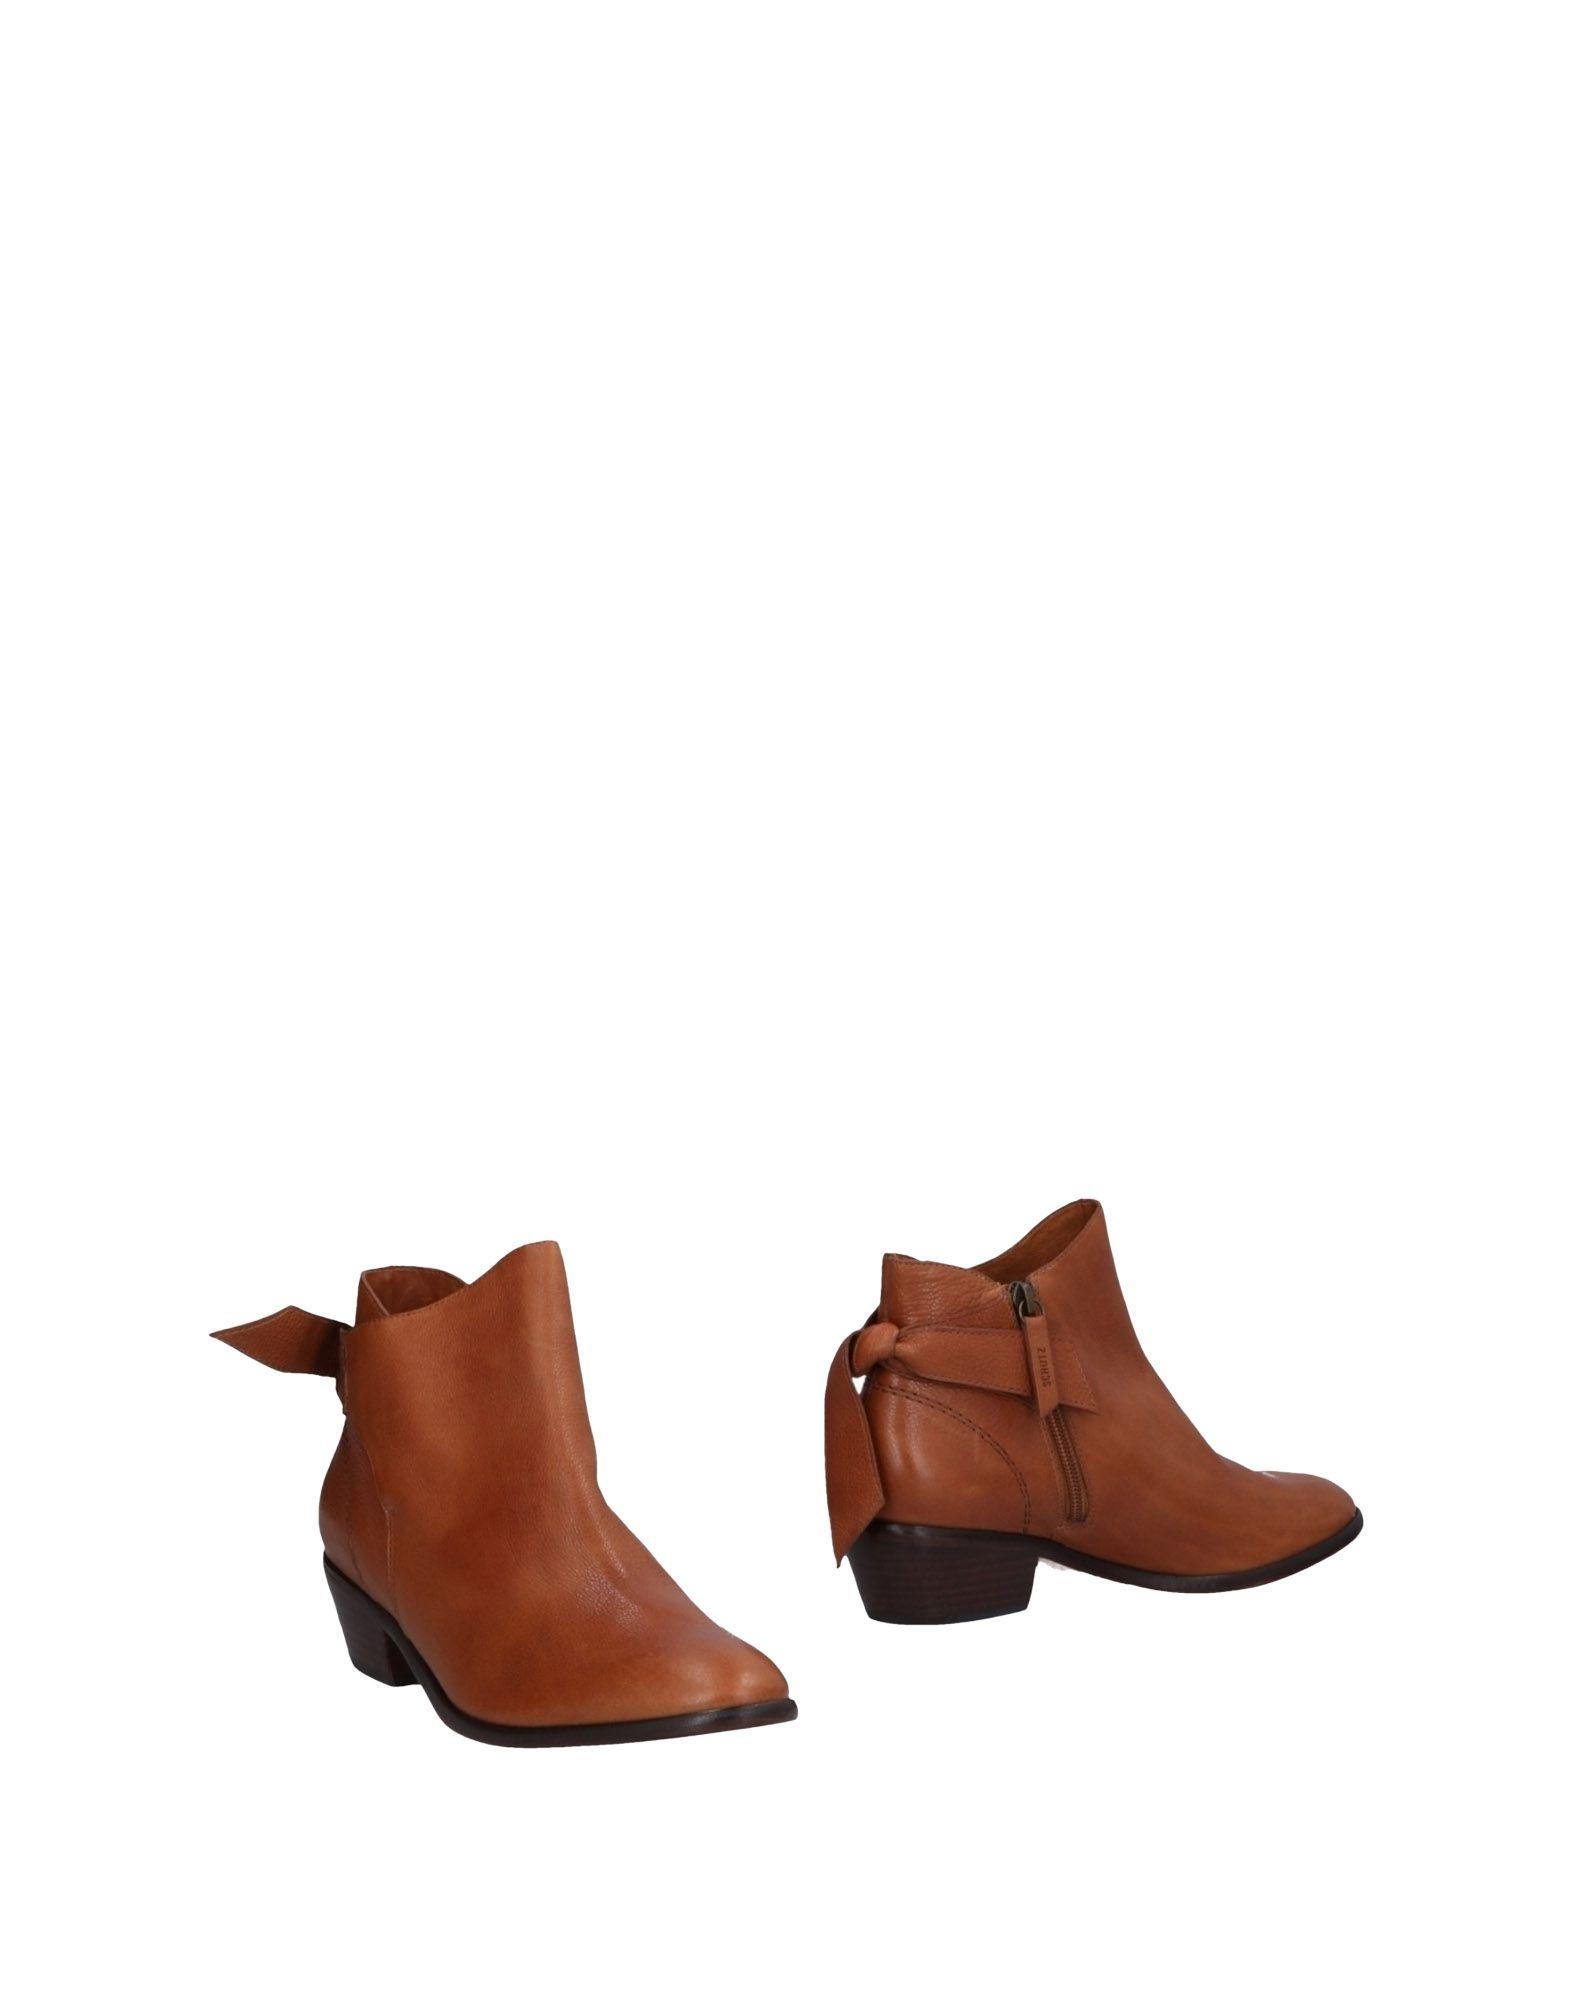 Schutz Ankle Boot - Women Schutz Ankle Boots - online on  Australia - Boots 11476147CX 50dd0c